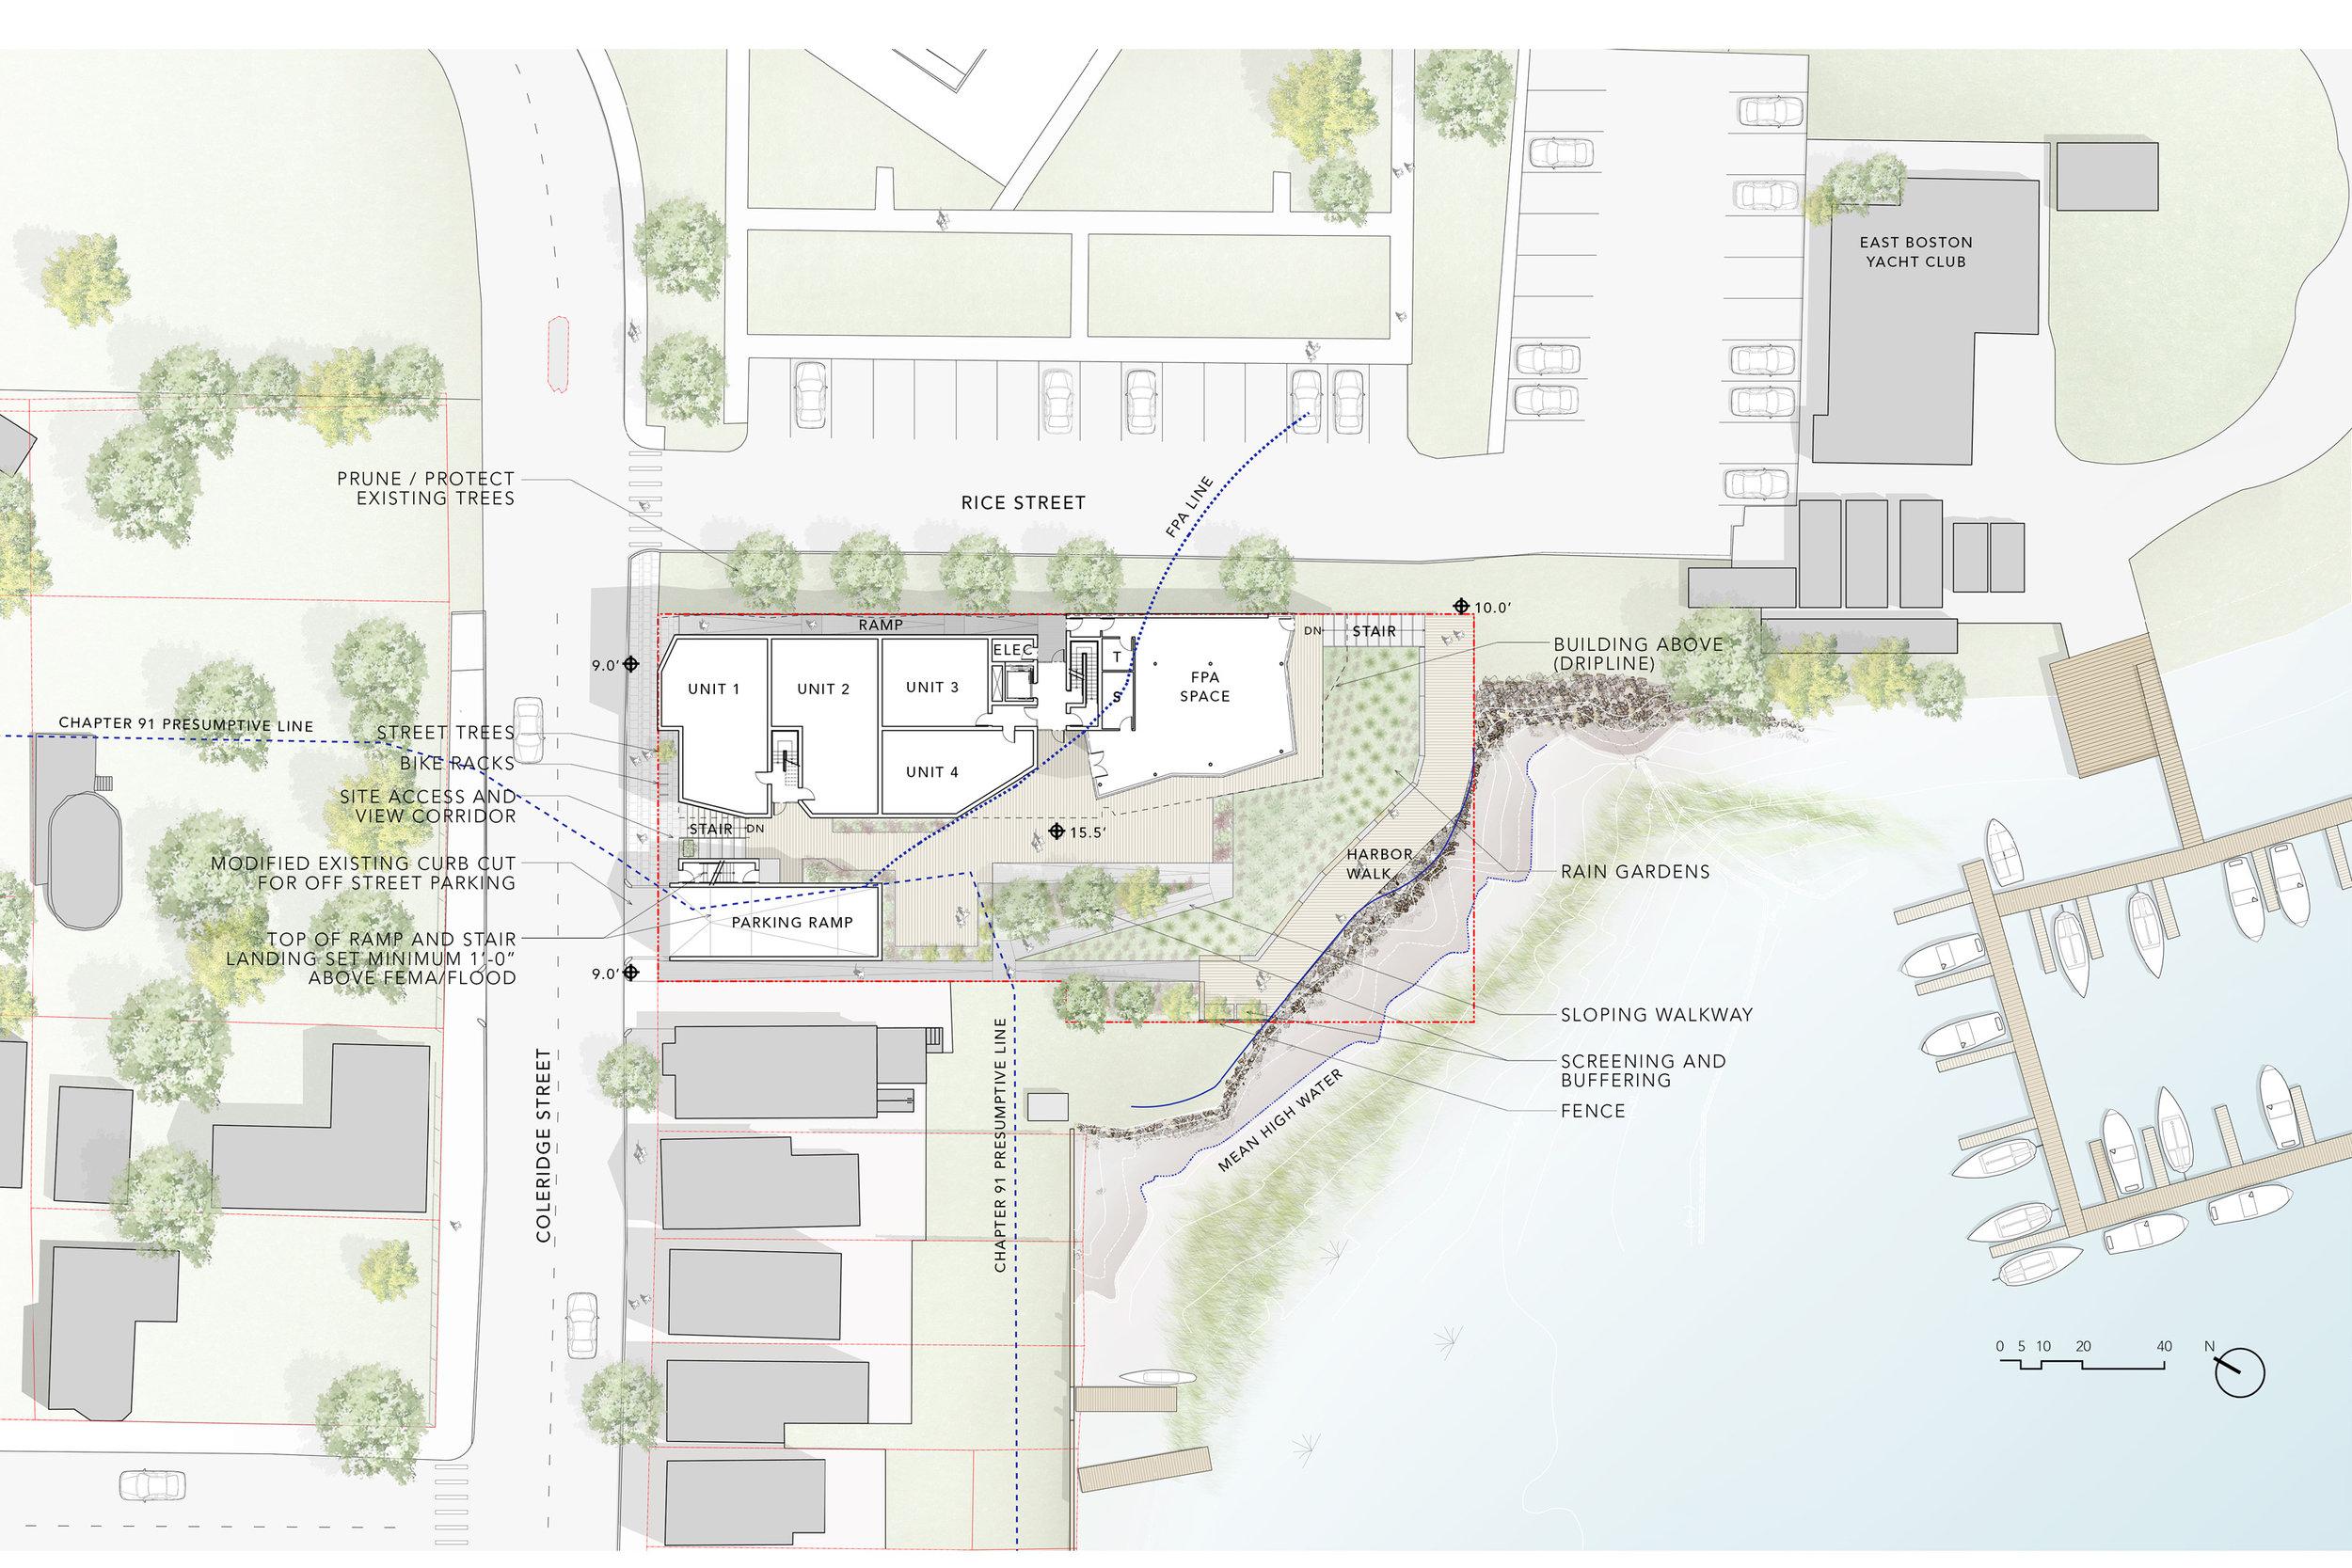 Site Plan by Touloukian Touloukian, Inc.